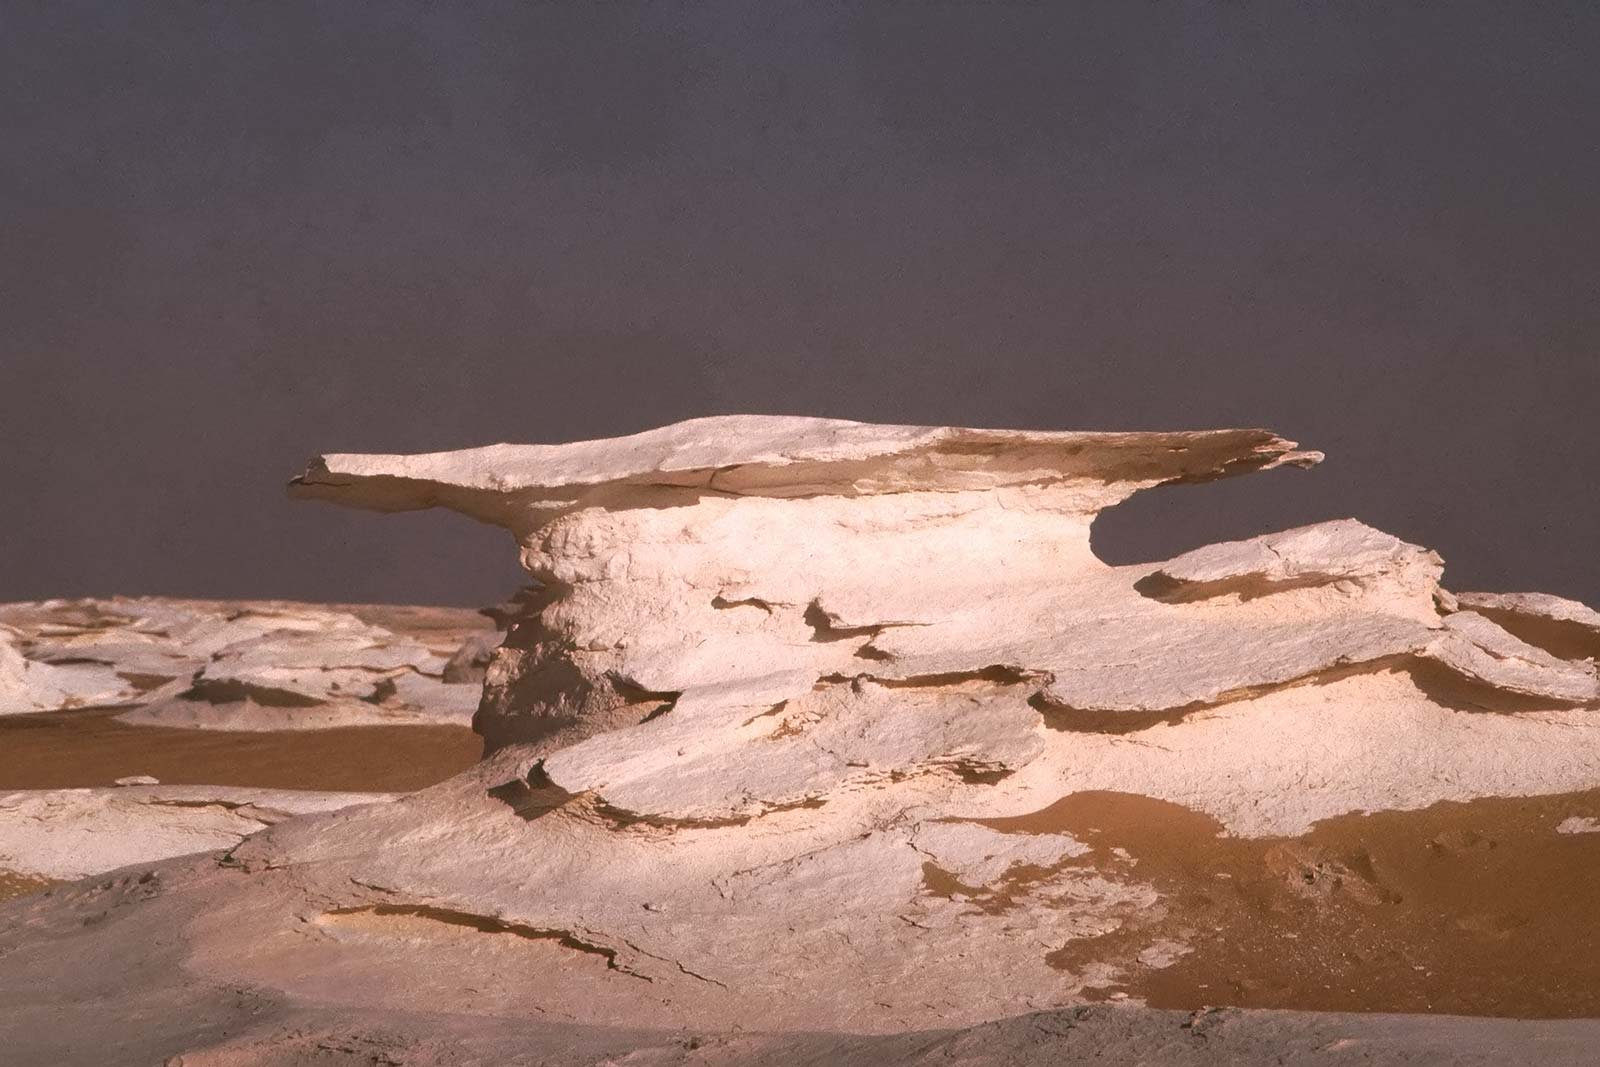 farafra-oasis-landscape-egypt